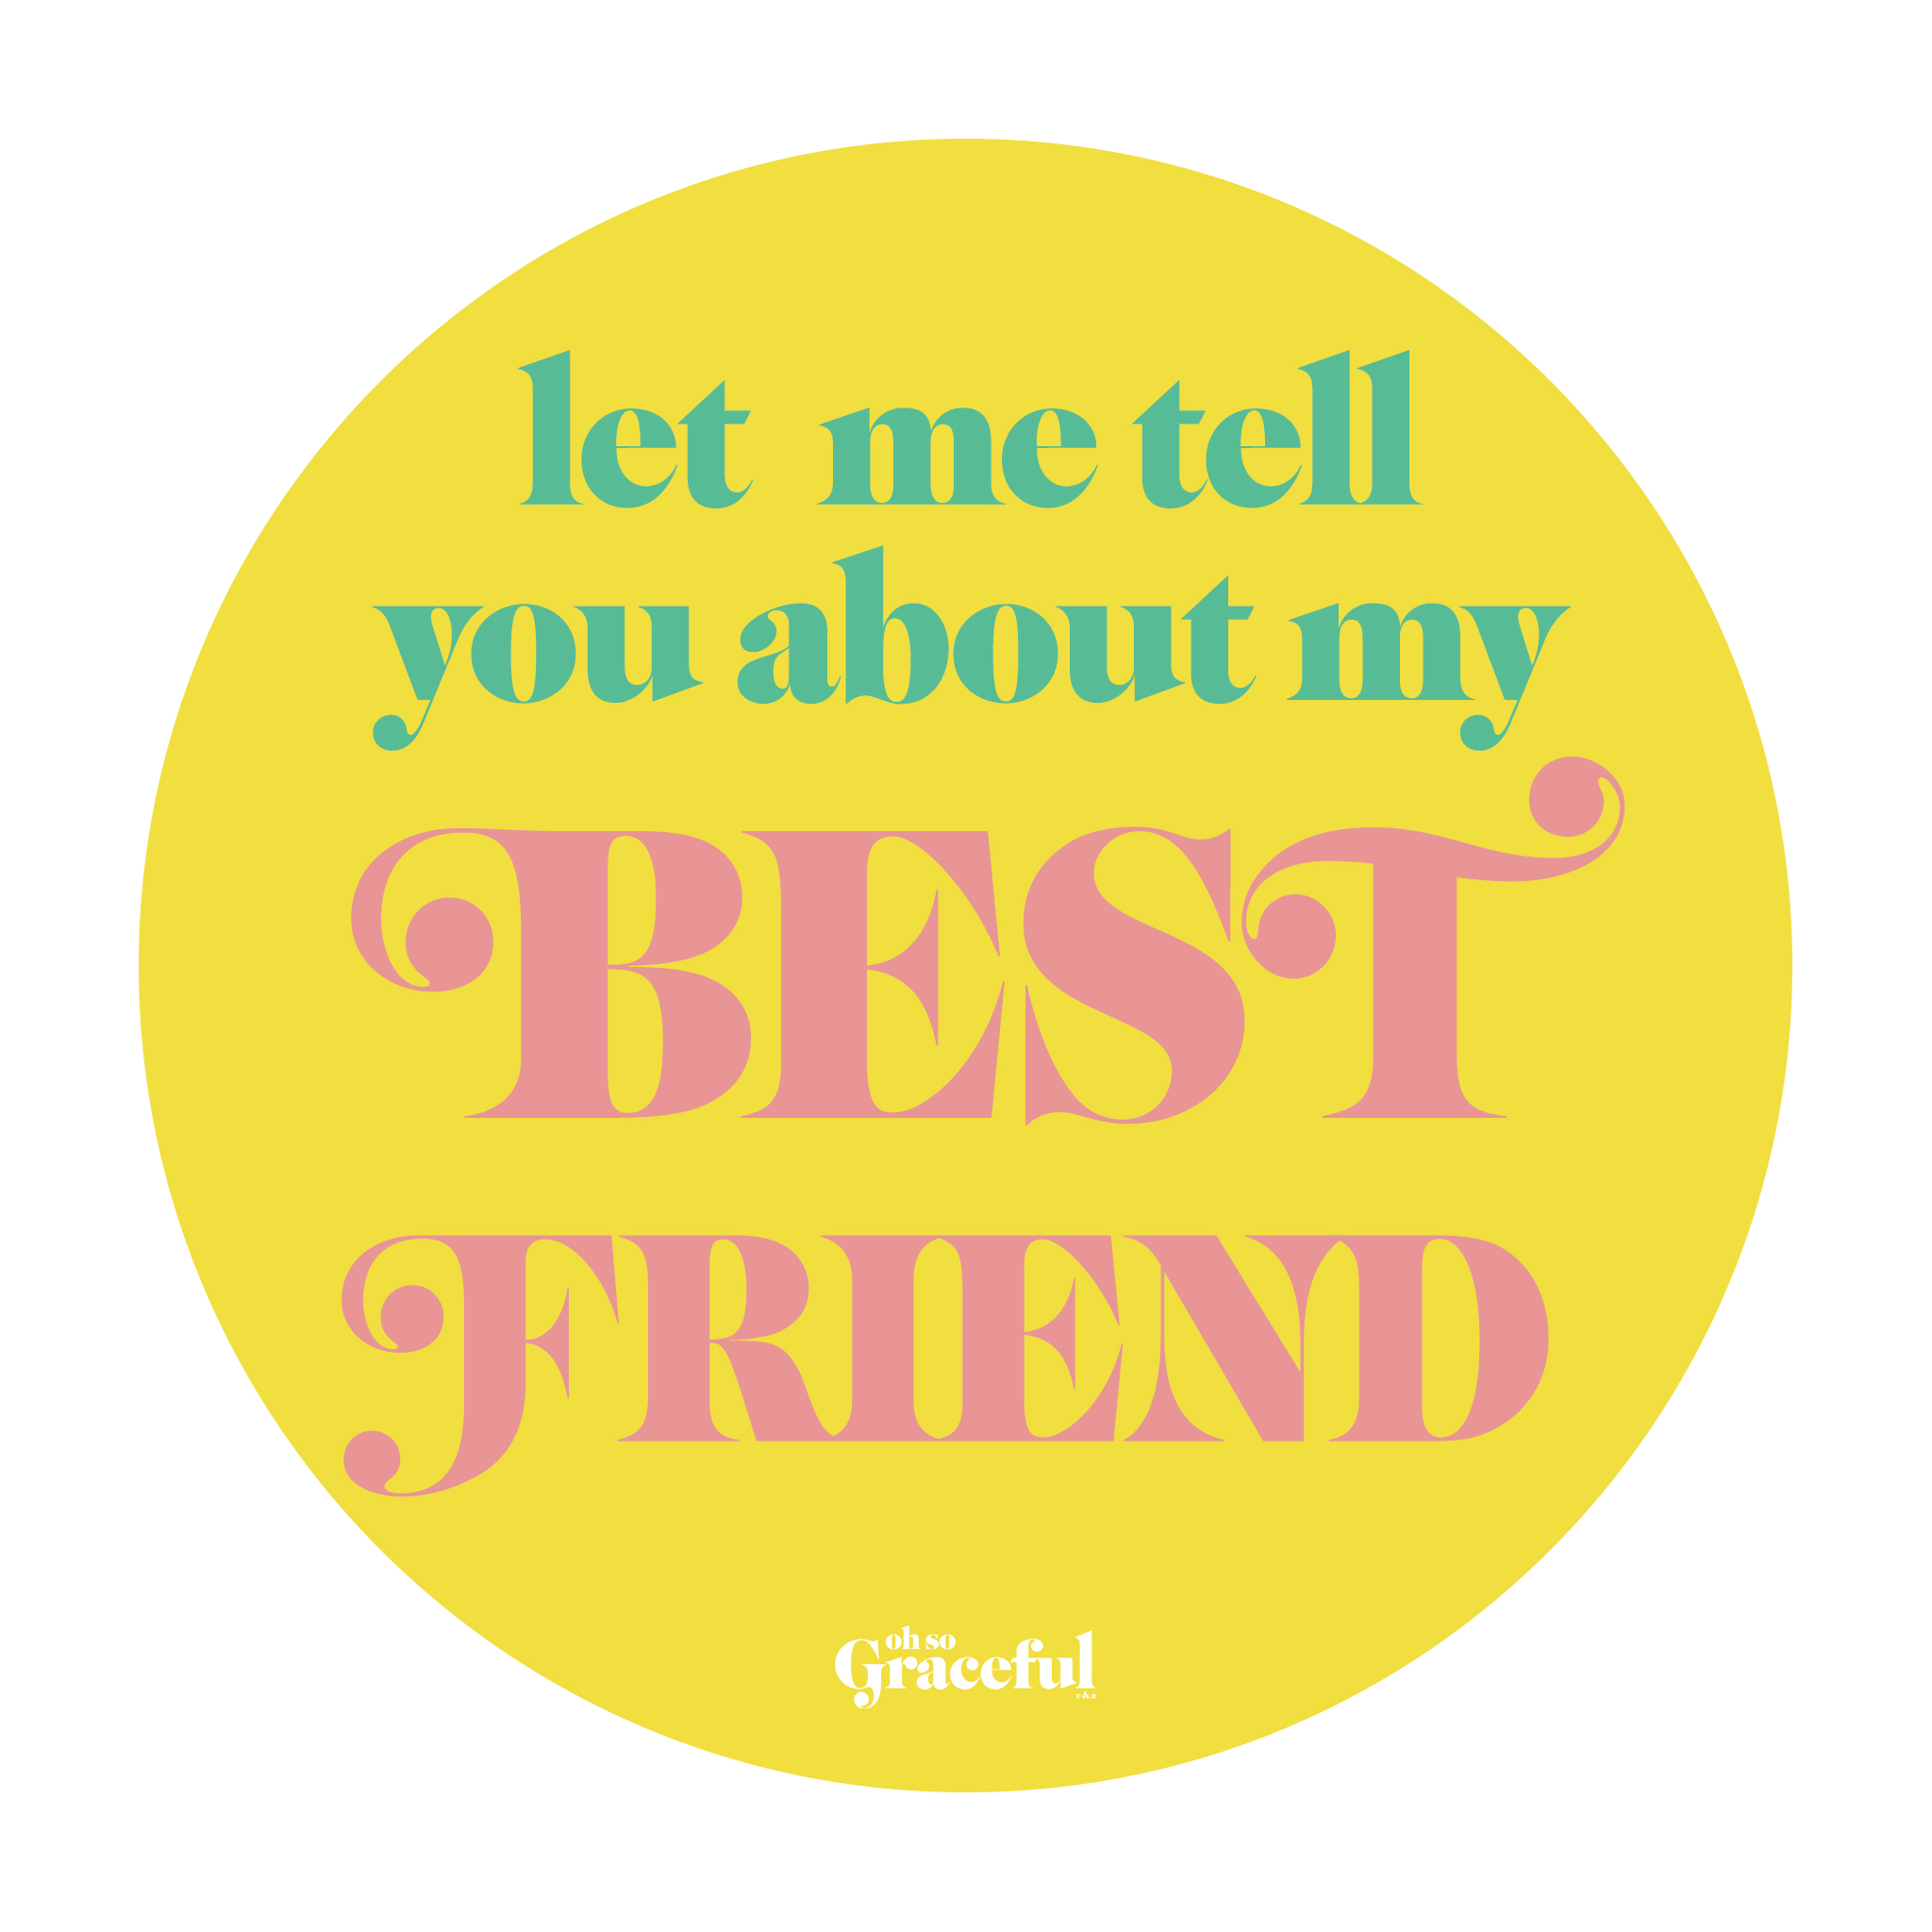 bestfriend.jpg